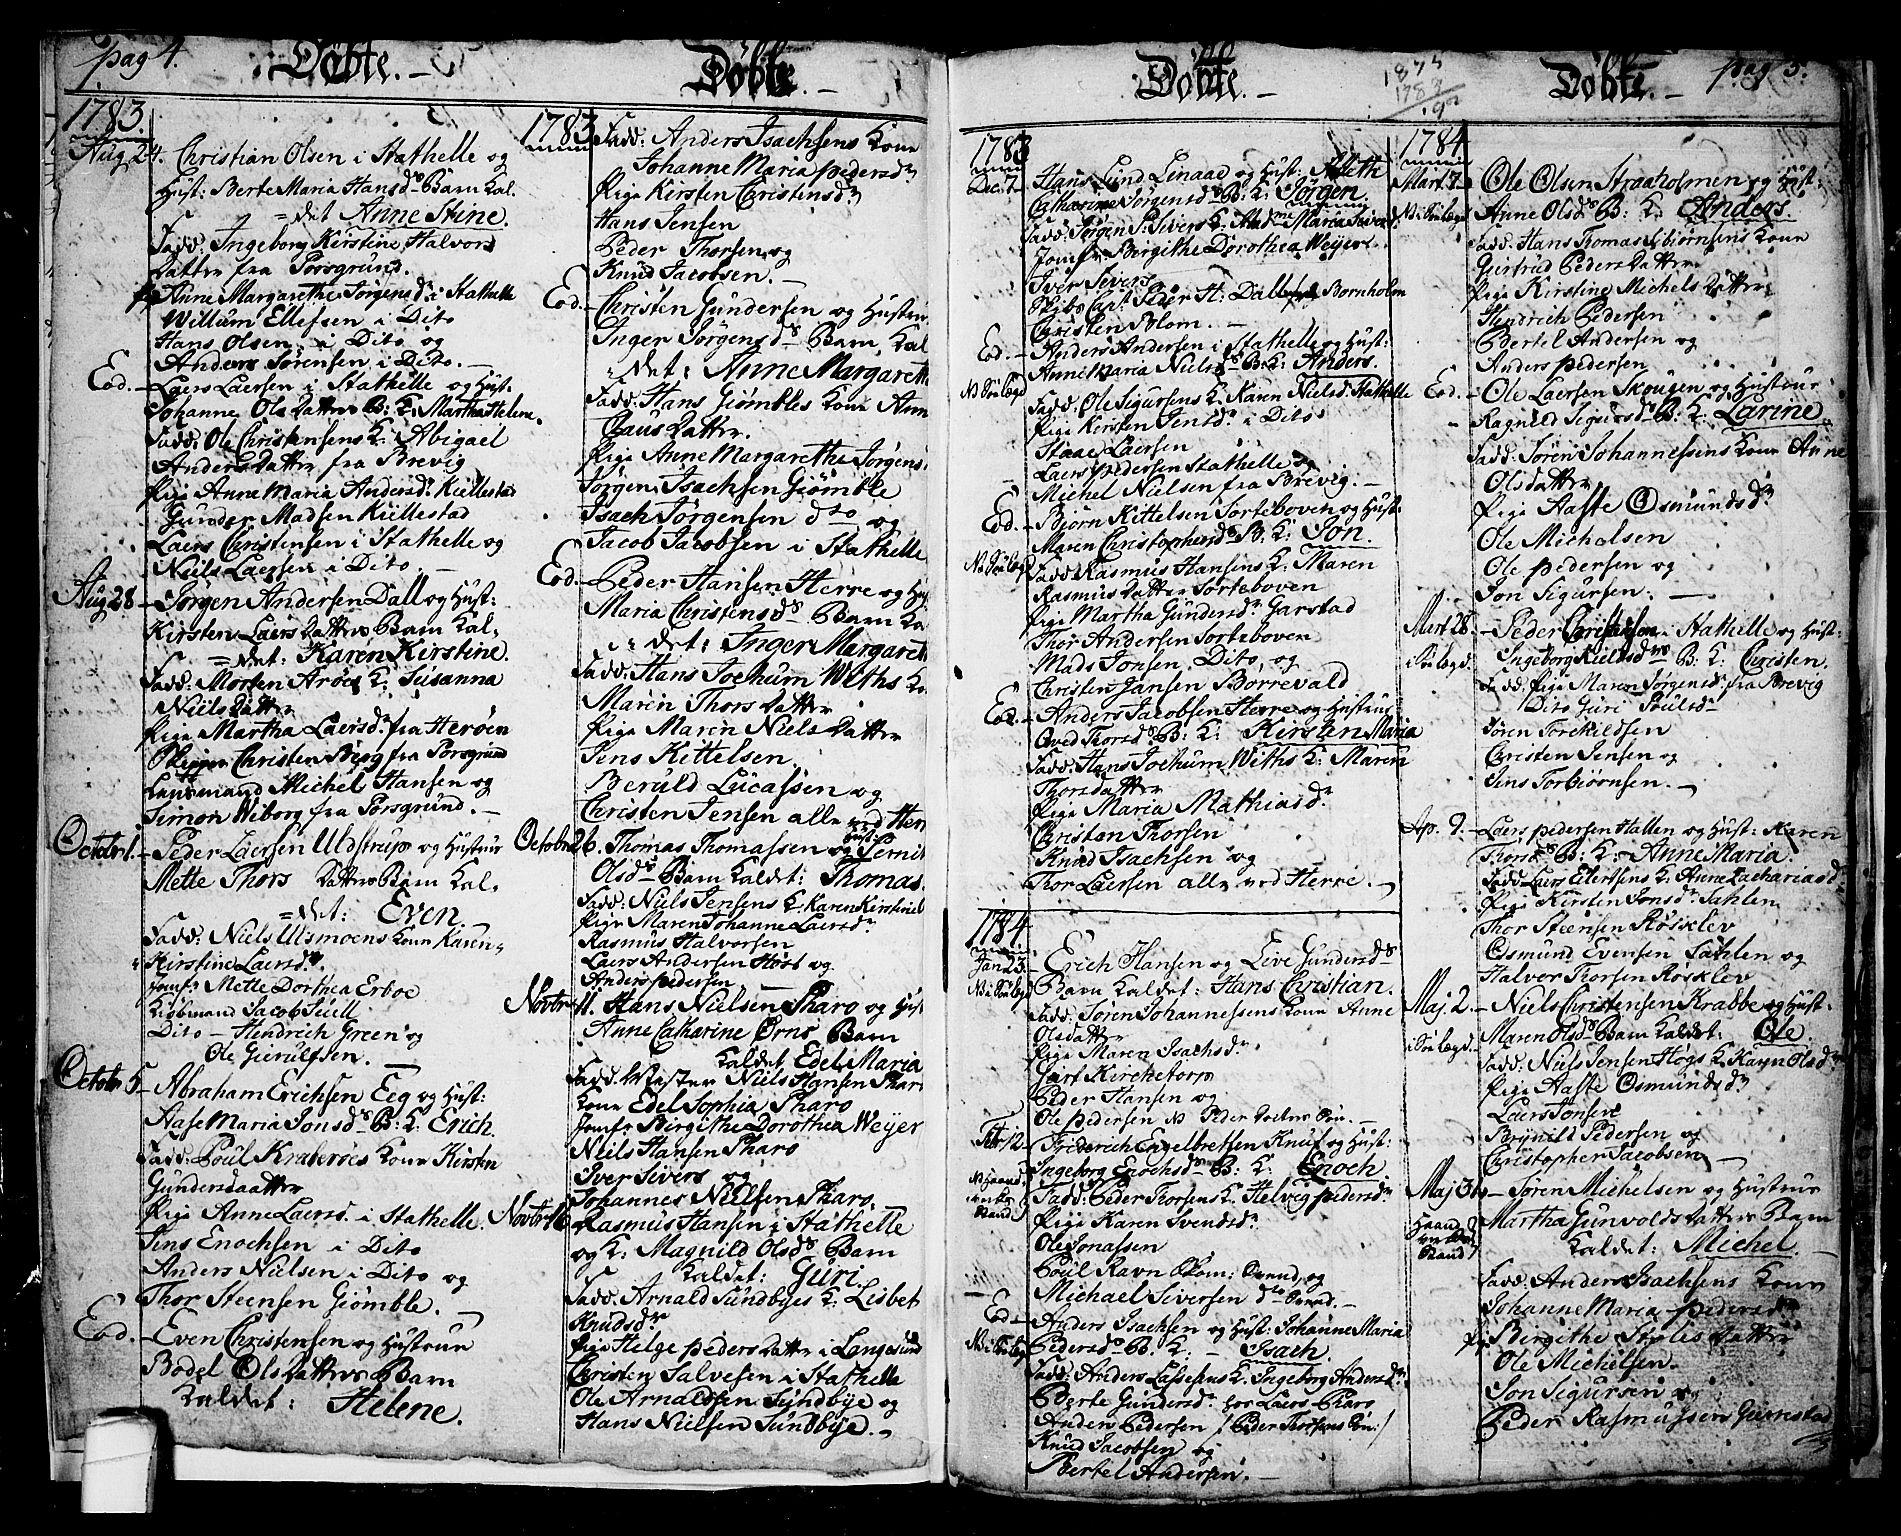 SAKO, Langesund kirkebøker, G/Ga/L0001: Klokkerbok nr. 1, 1783-1801, s. 4-5